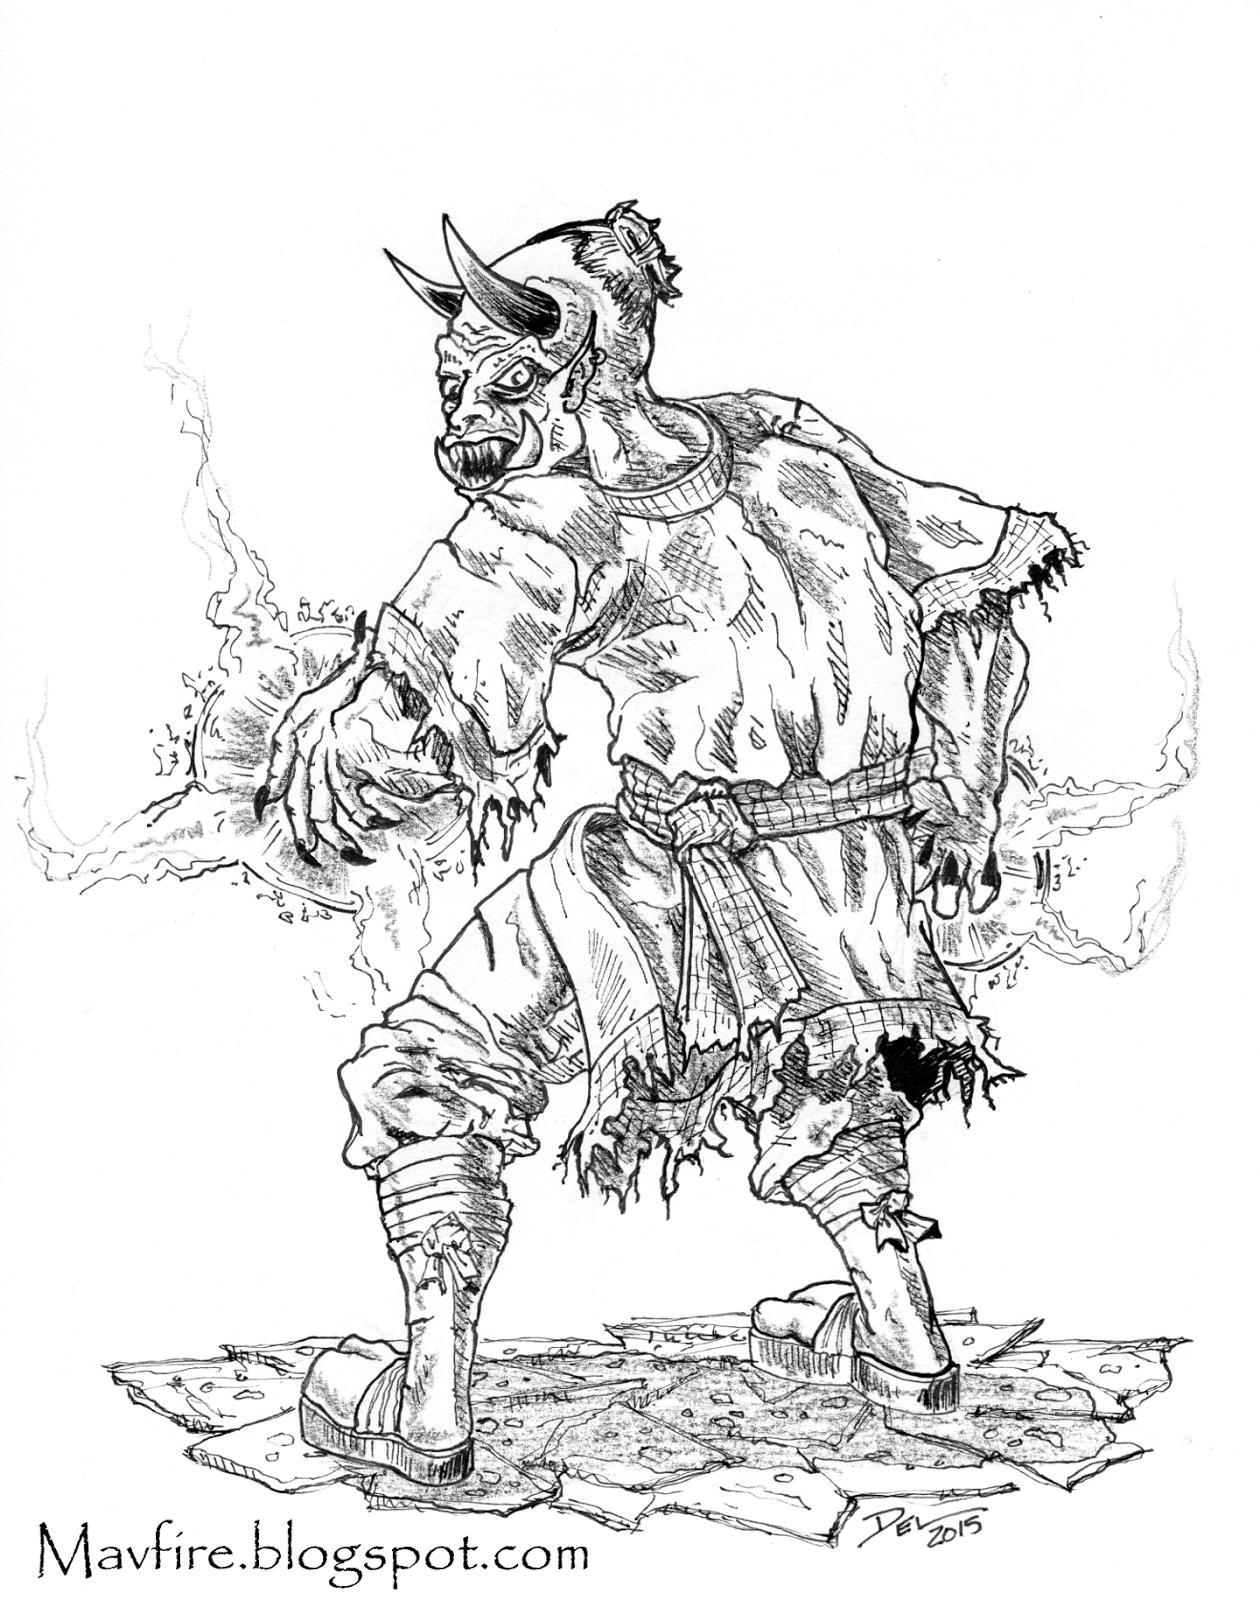 Undead Ogre Magi by Del Teigeler, Mavfire 2015